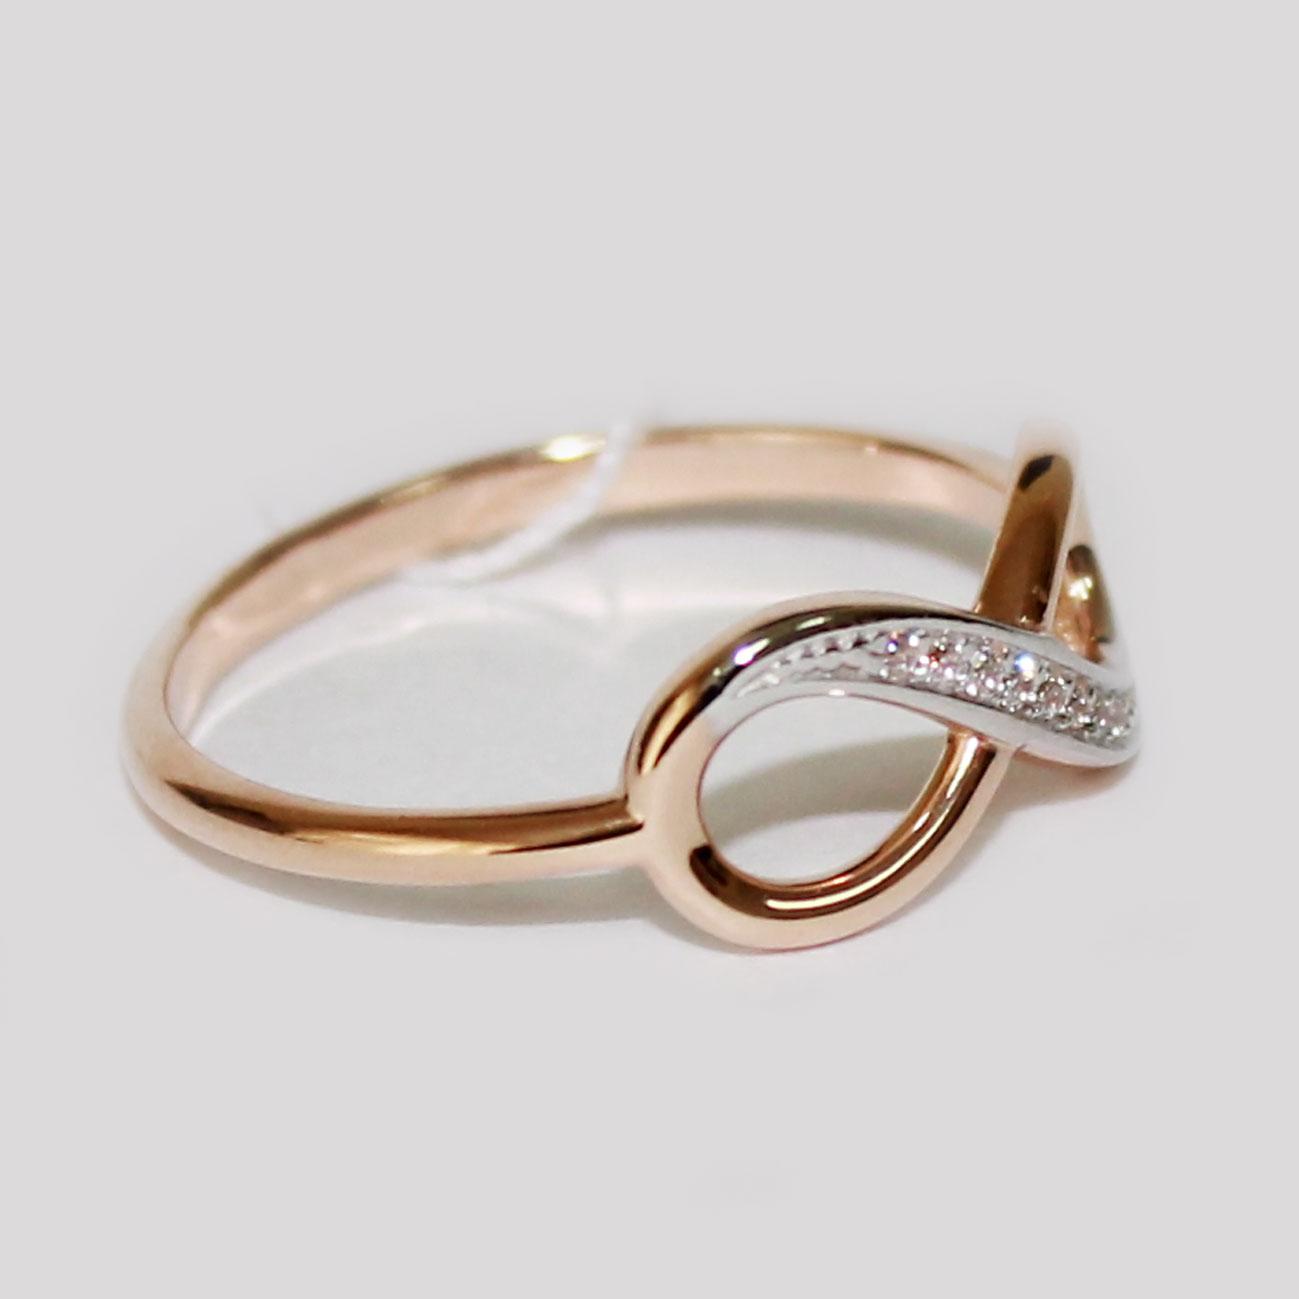 кольцо из серебра со знаком бесконечности